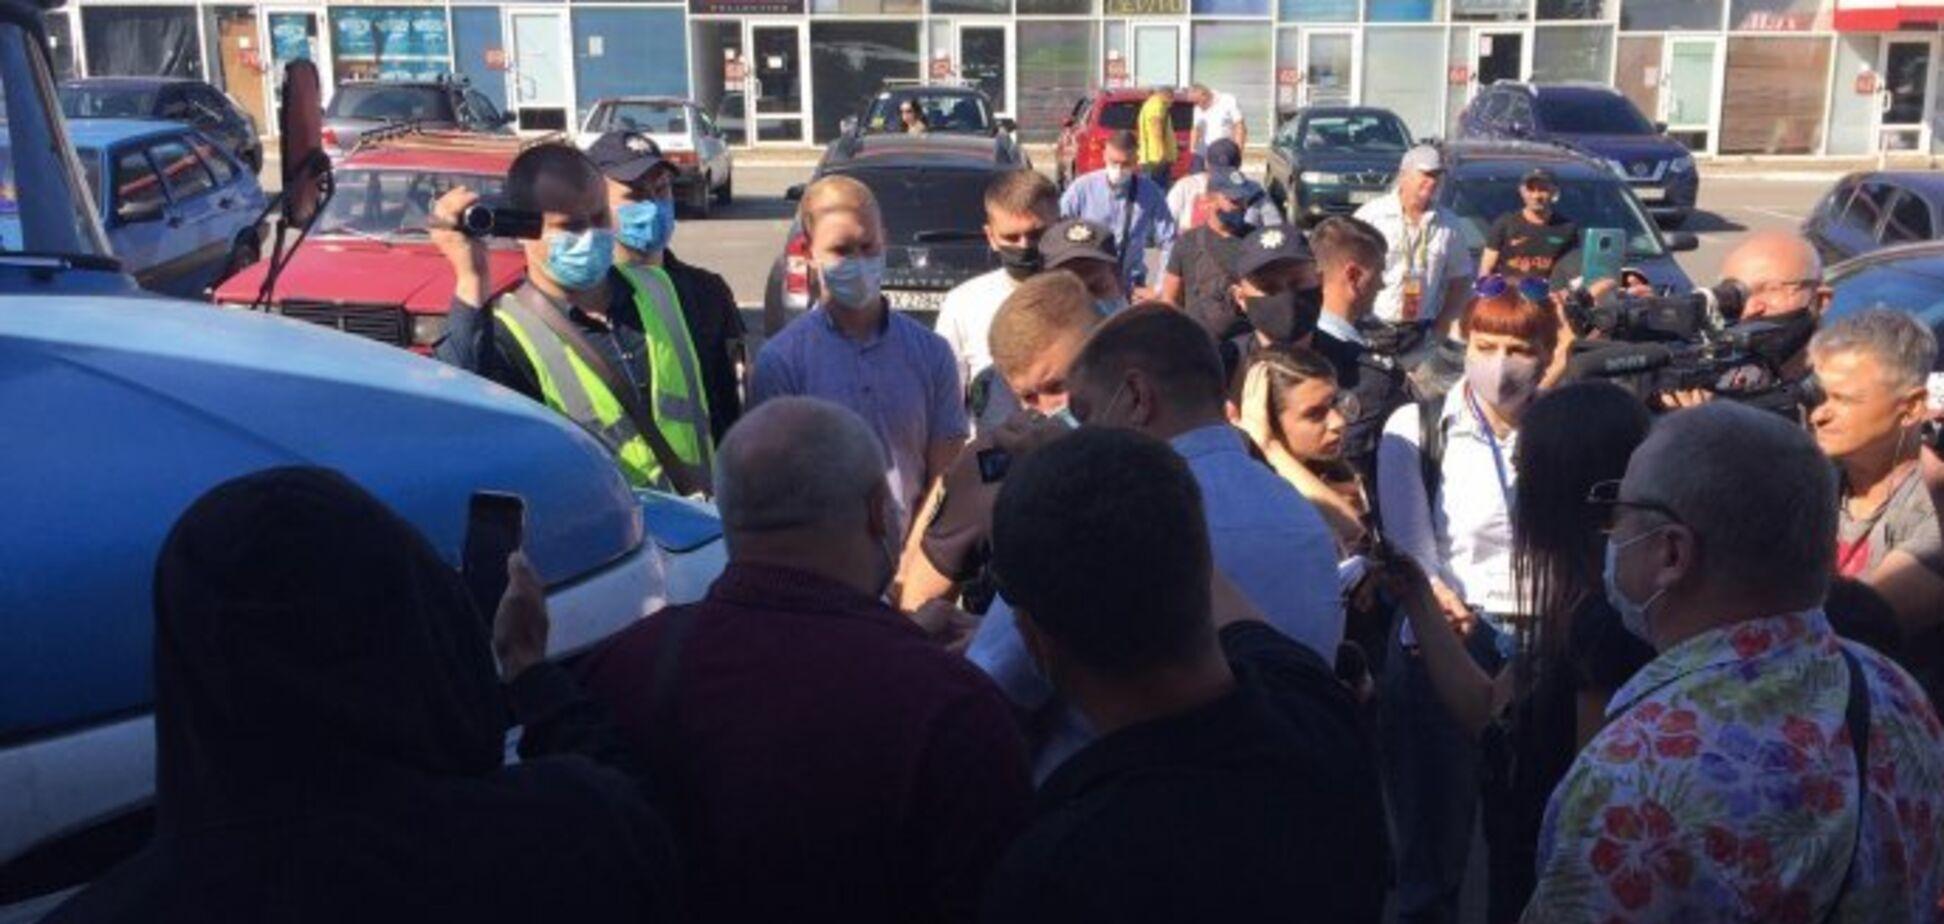 Підприємці ТЦ 'Барабашово' у Харкові звинуватили поліцію в залякуванні